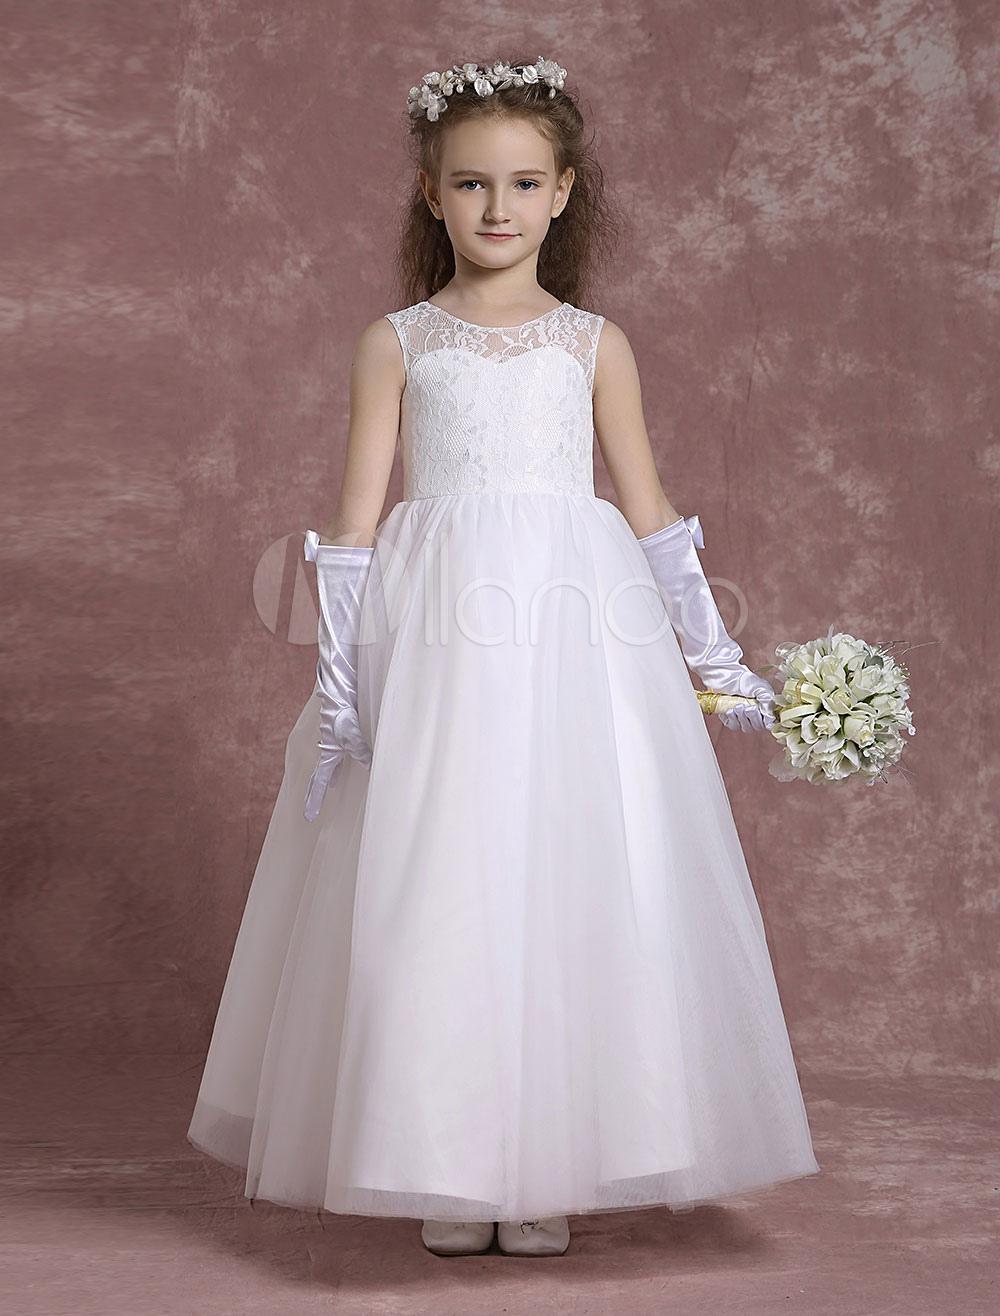 Robe fille de fleurs dentelle ivoire robe de communion for Fleurs fille robes mariage